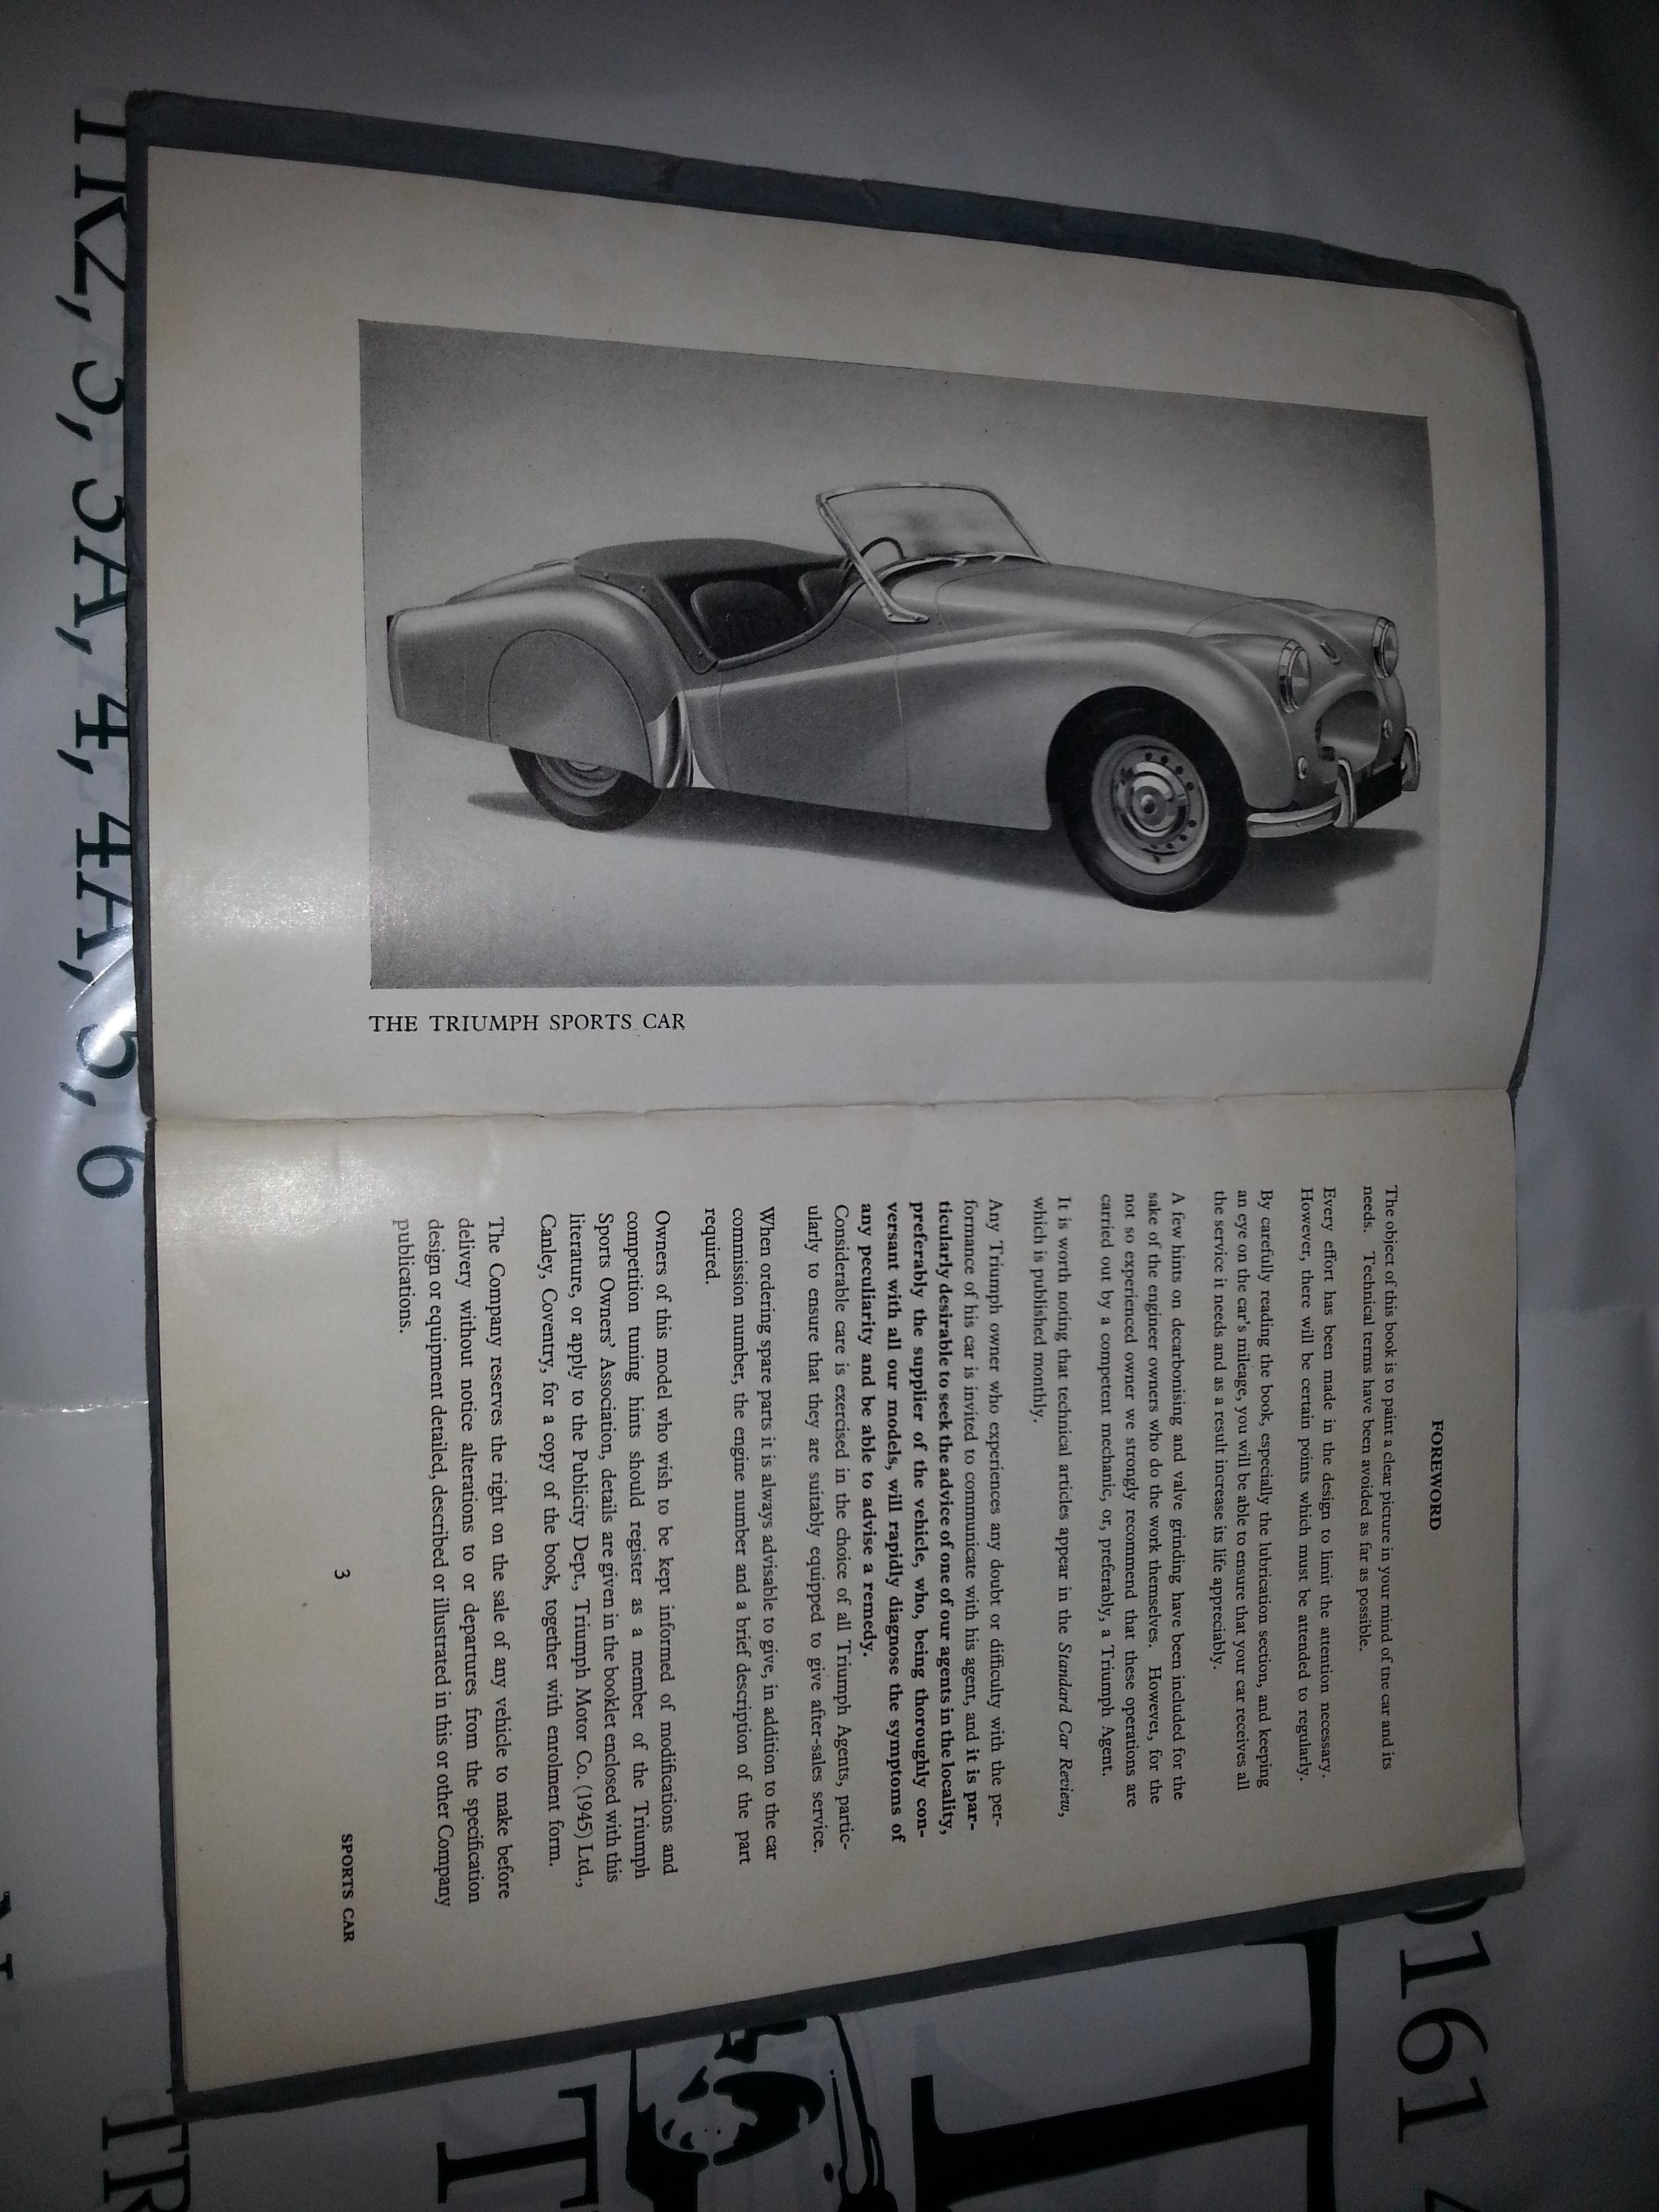 Automobilia For Sale 1959 Triumph Tr3 Wiring Diagram Sold